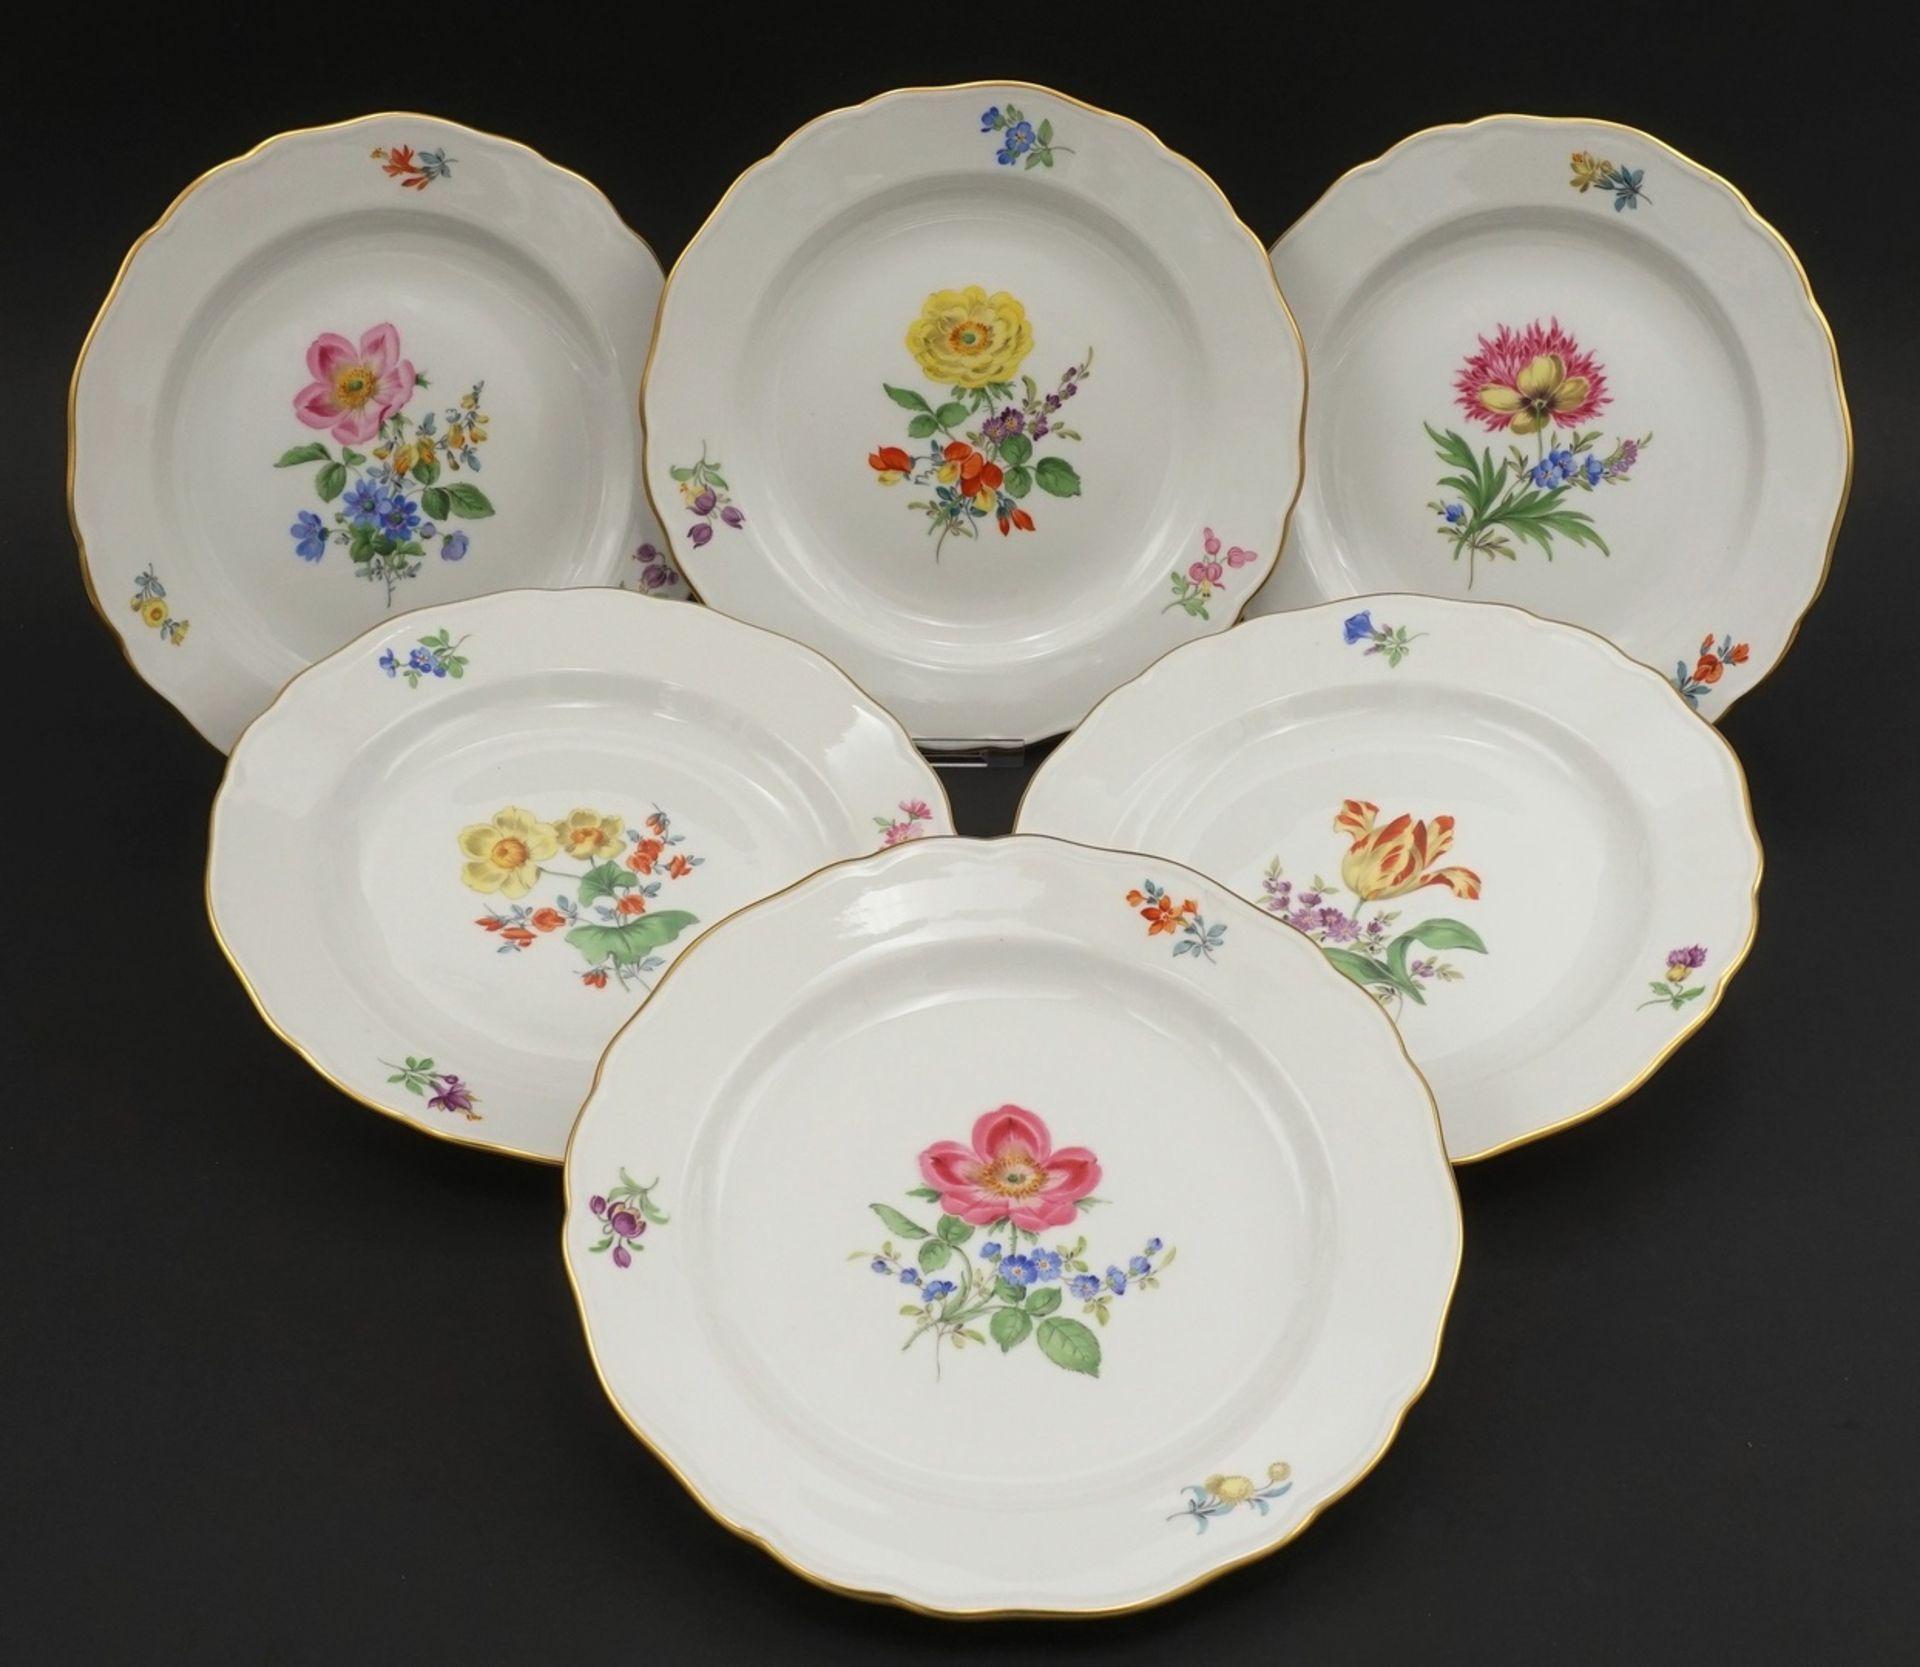 Sechs Meissen Teller mit Bunter Blume - Bild 2 aus 3